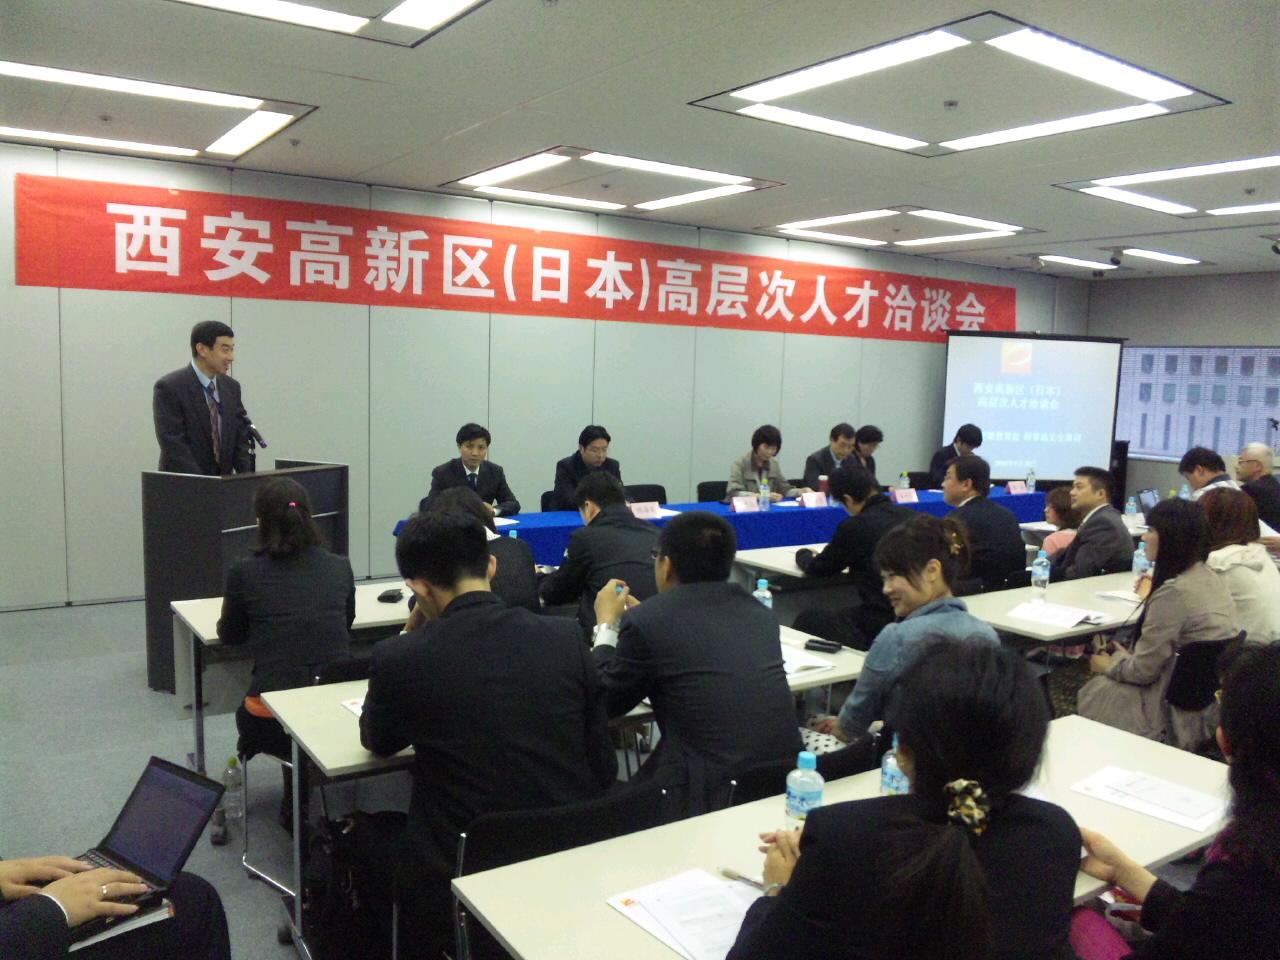 西安高新区(日本)高层次人才洽谈会在东京举行_d0027795_14503037.jpg